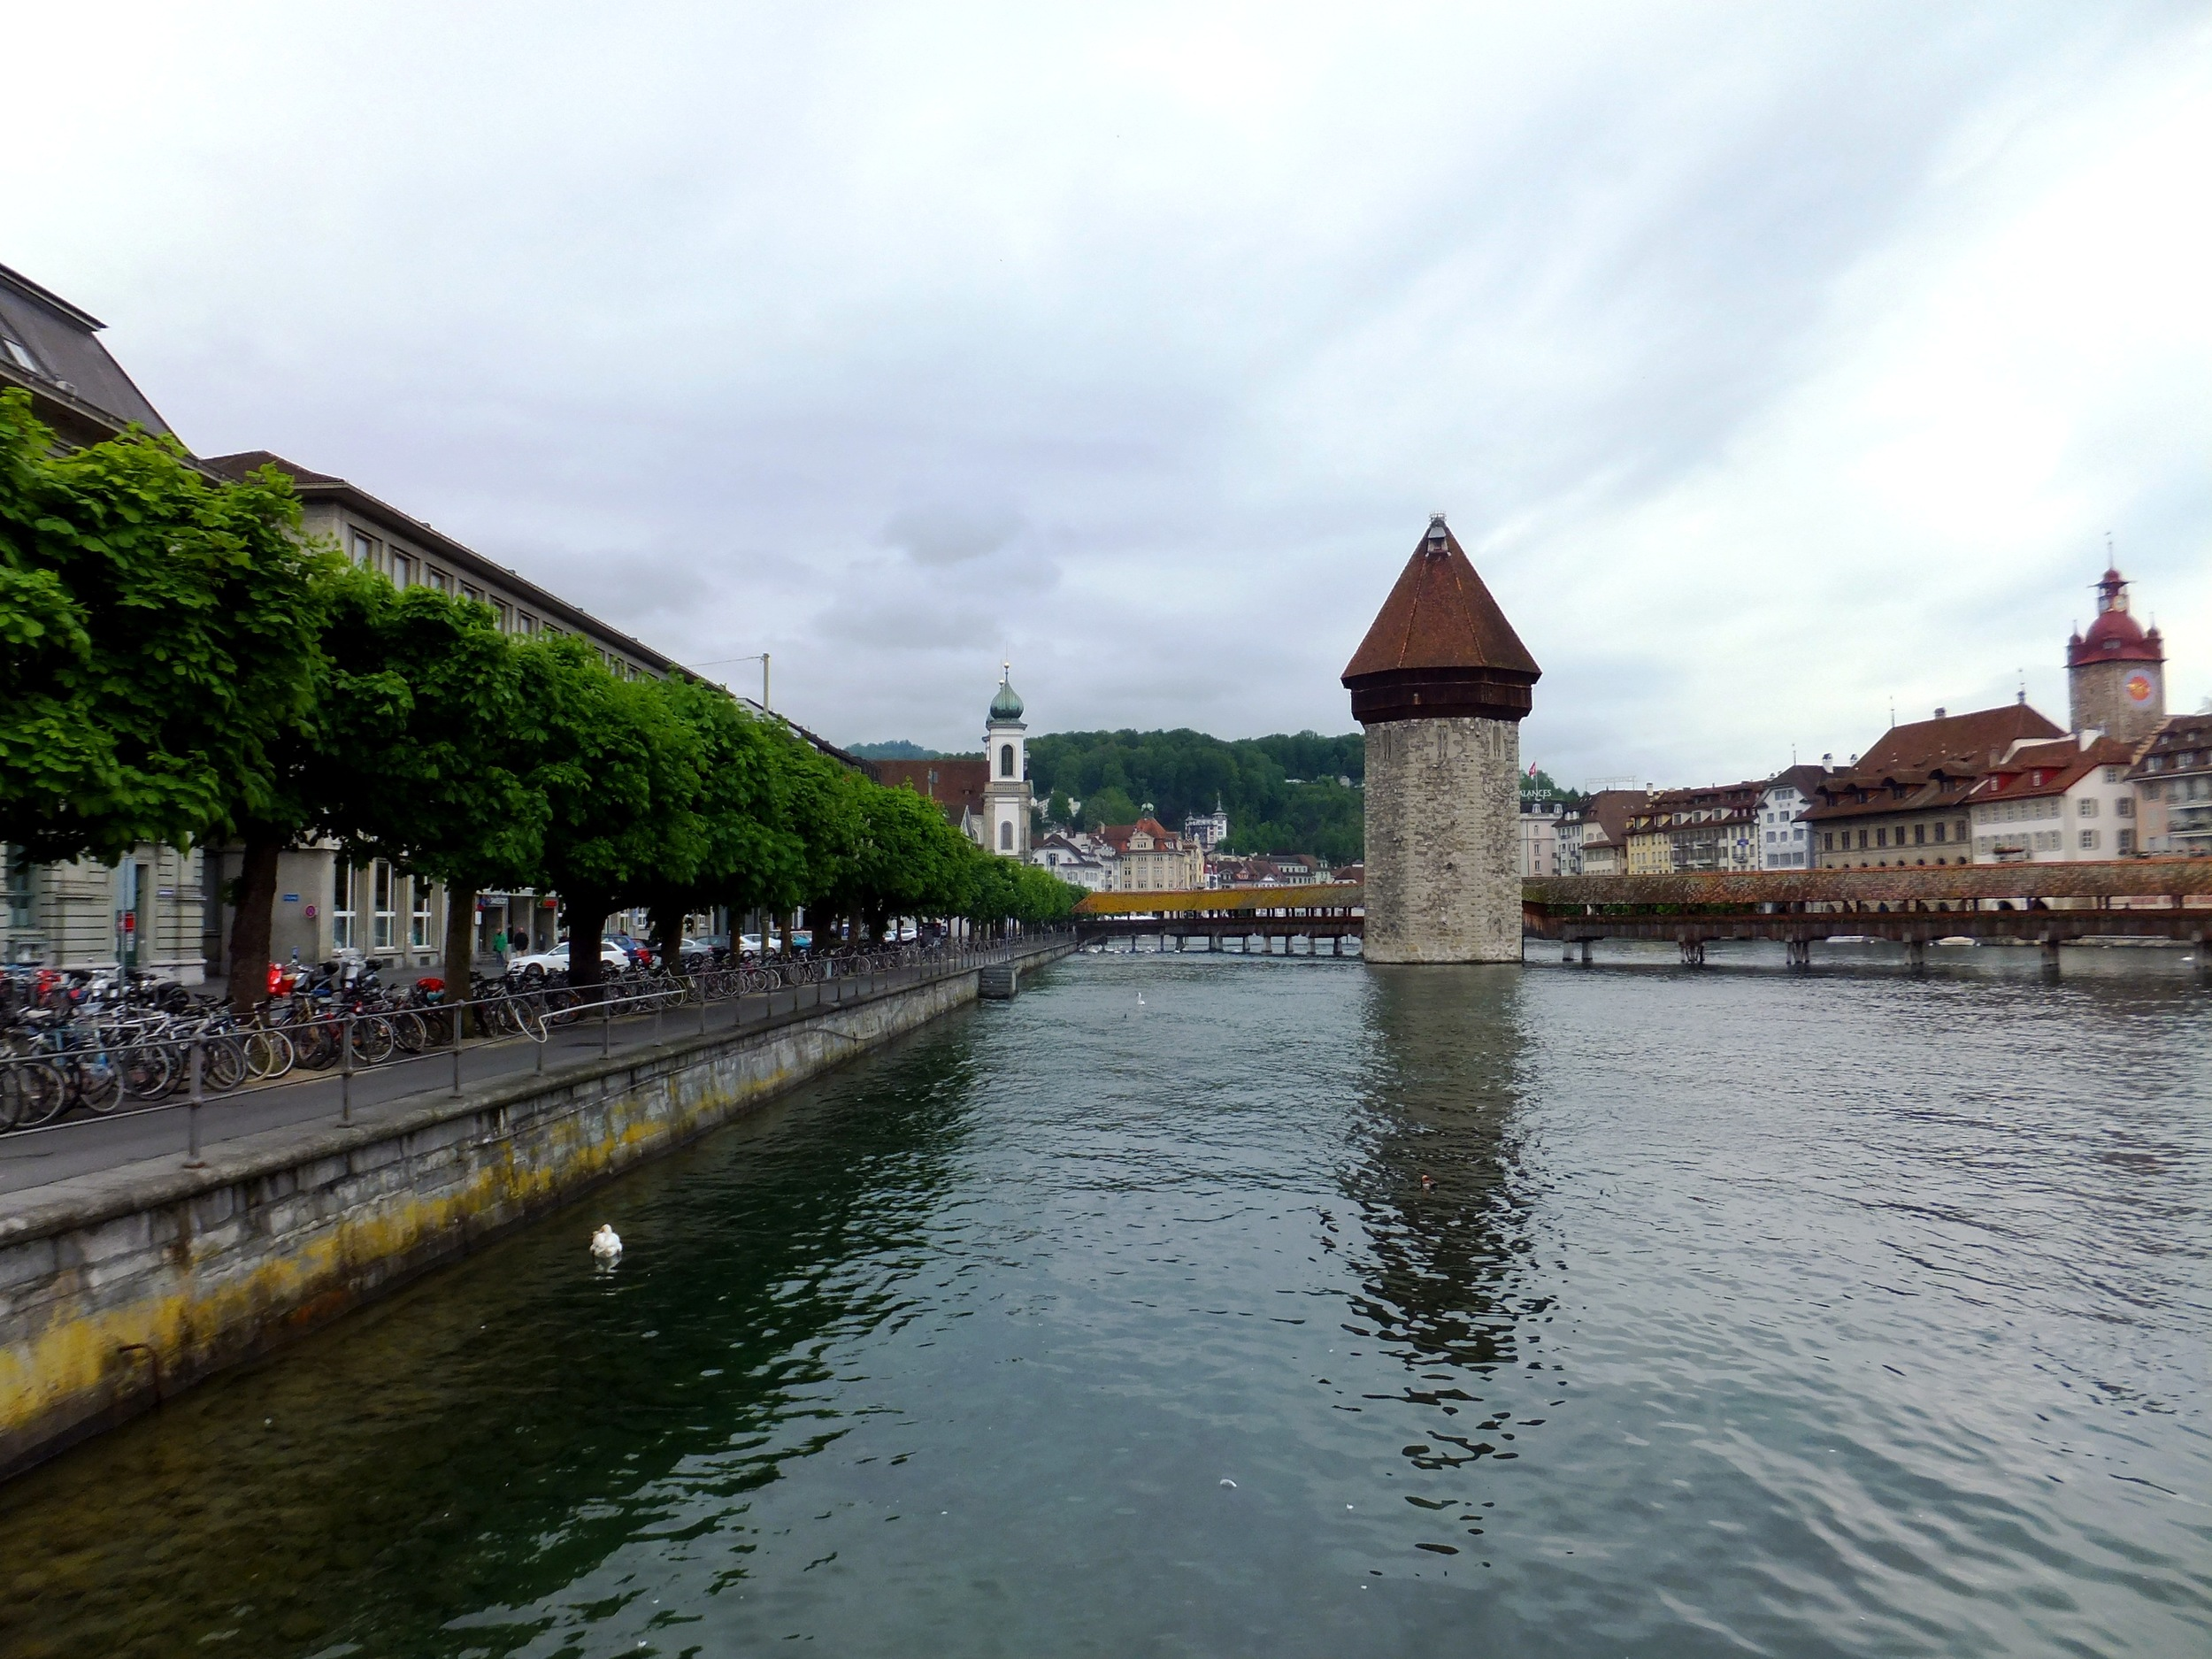 DSCF4096 Chapel Bridge, Water Tower, Reuss River